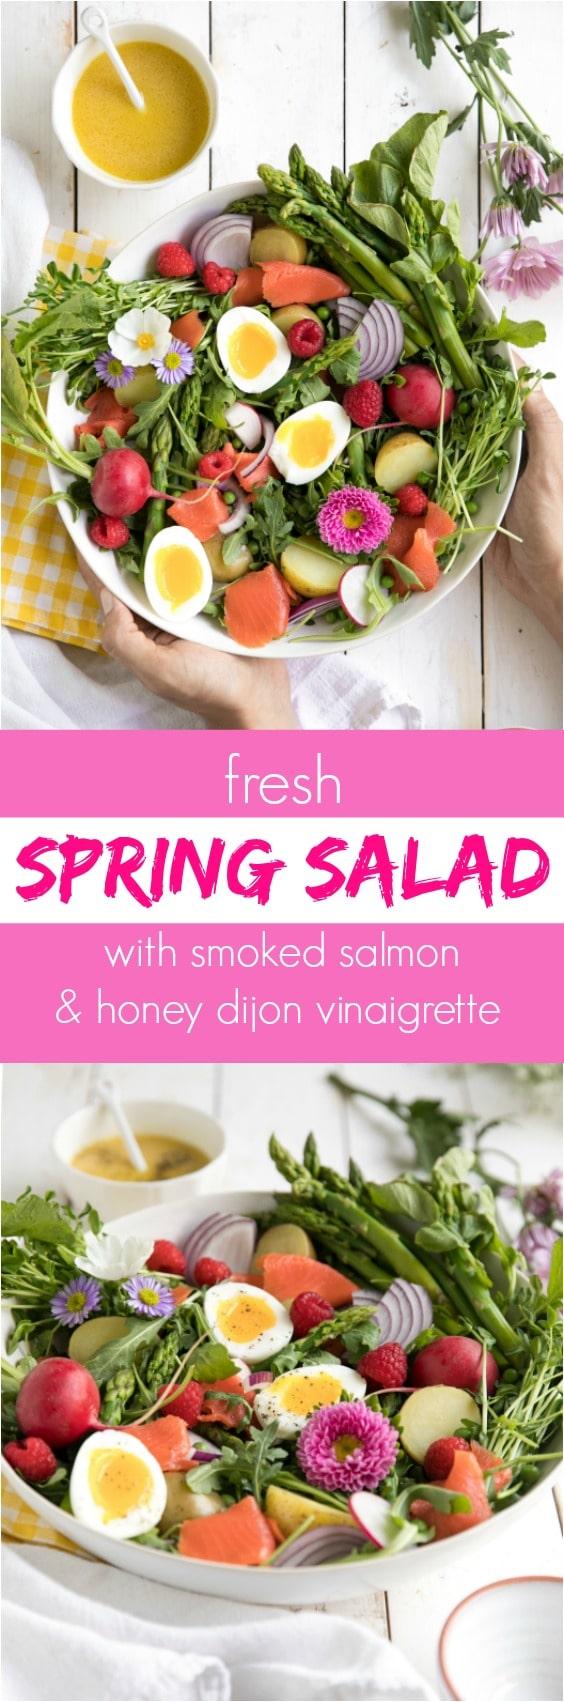 Fresh Spring Salad with Smoked Salmon and Honey Dijon Vinaigrette via @theforkedspoon #theforkedspoon #salad #spring #healthy #salmon #egg